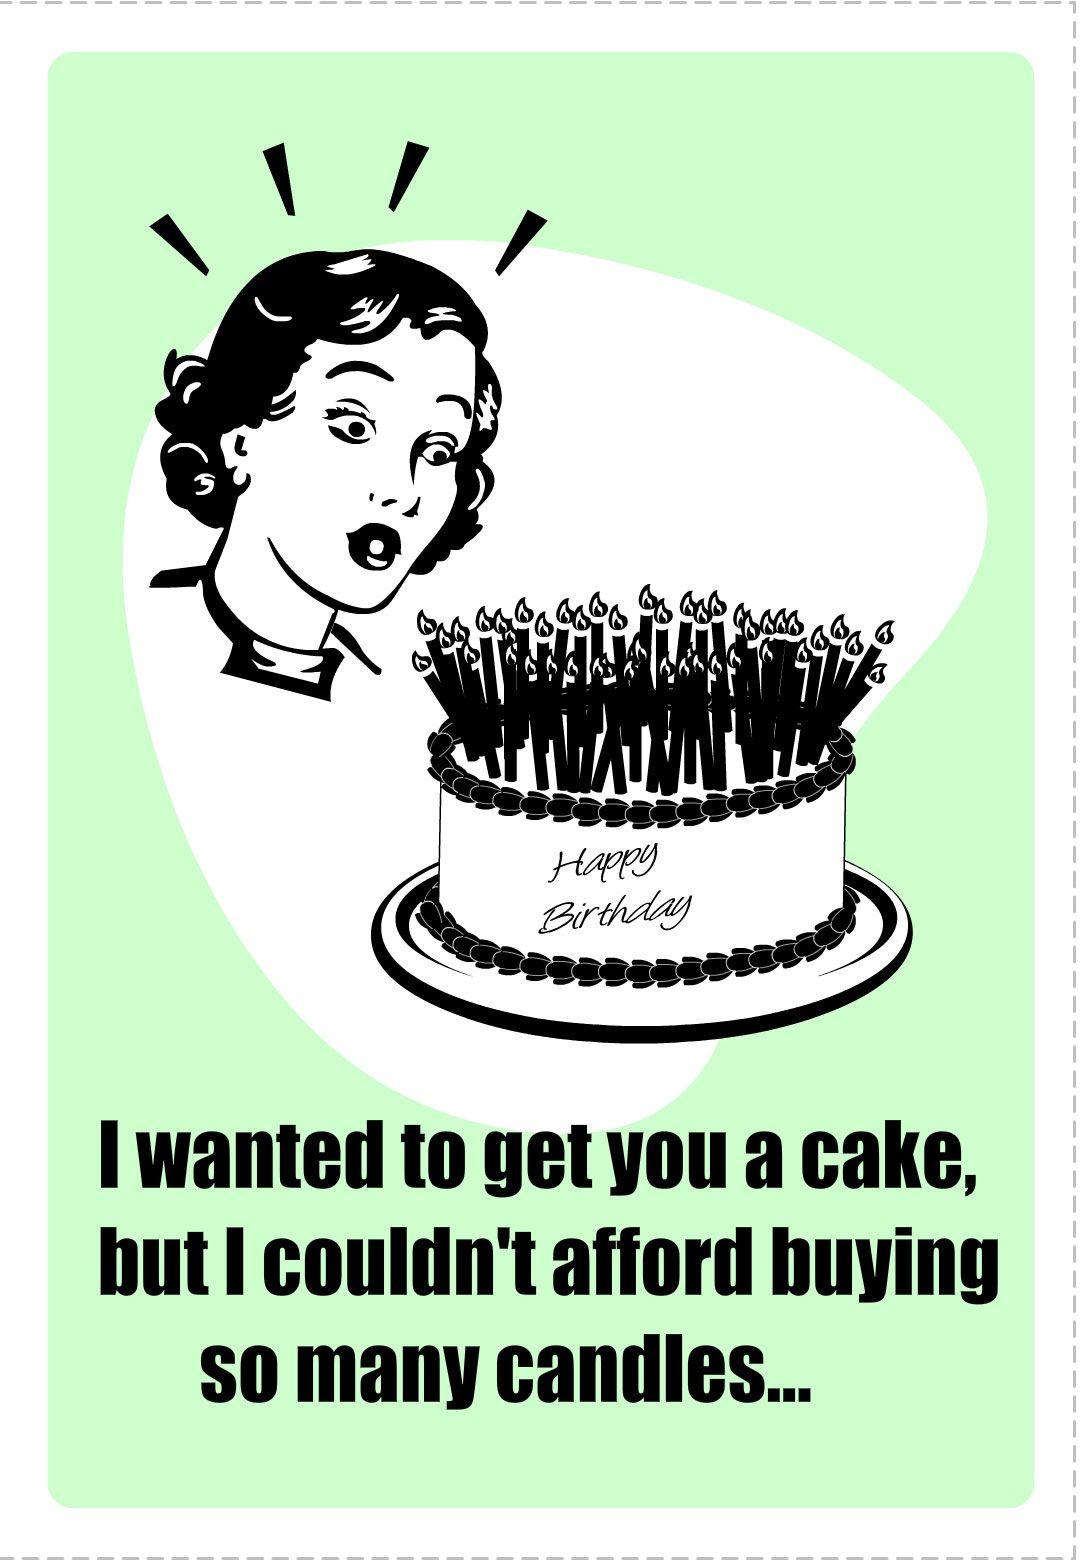 Birthday Card Humor